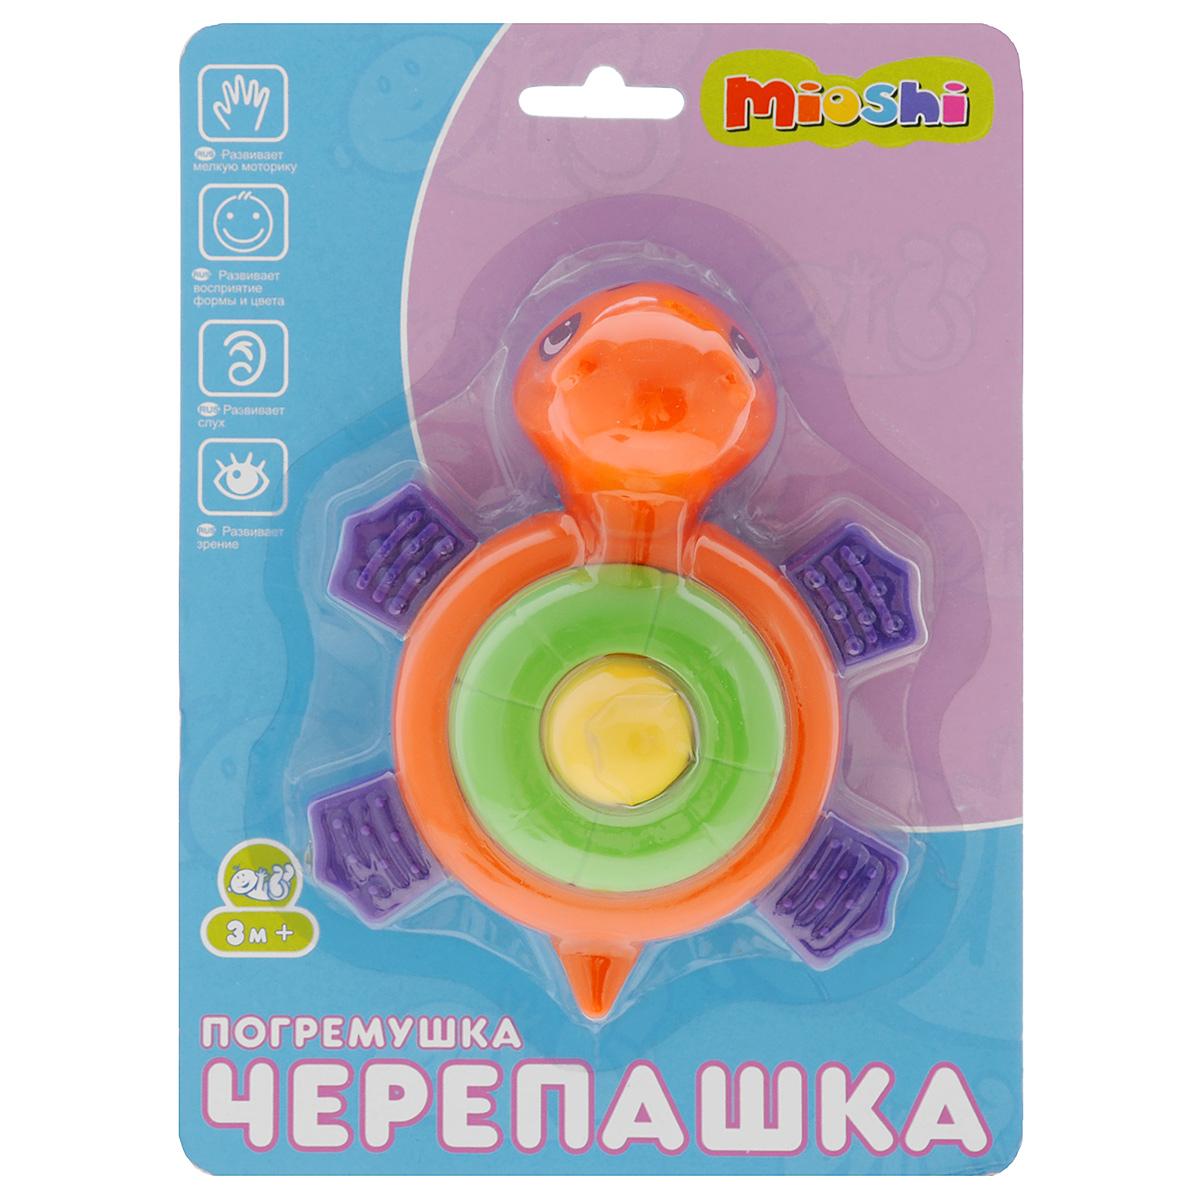 Развивающая игрушка-погремушка Mioshi ЧерепашкаTY9042Яркая развивающая игрушка-погремушка Mioshi Черепашка обязательно понравится вашему малышу. Игрушка выполнена из безопасного пластика в виде черепашки. Эта игрушка создаст очень благоприятное впечатление у ребенка и заинтересует своими звуками. При нажатии на на спинку, черепашка издает легкий писк. Игрушка развивает цветовое и звуковое восприятие, тактильные ощущения и внимательность.